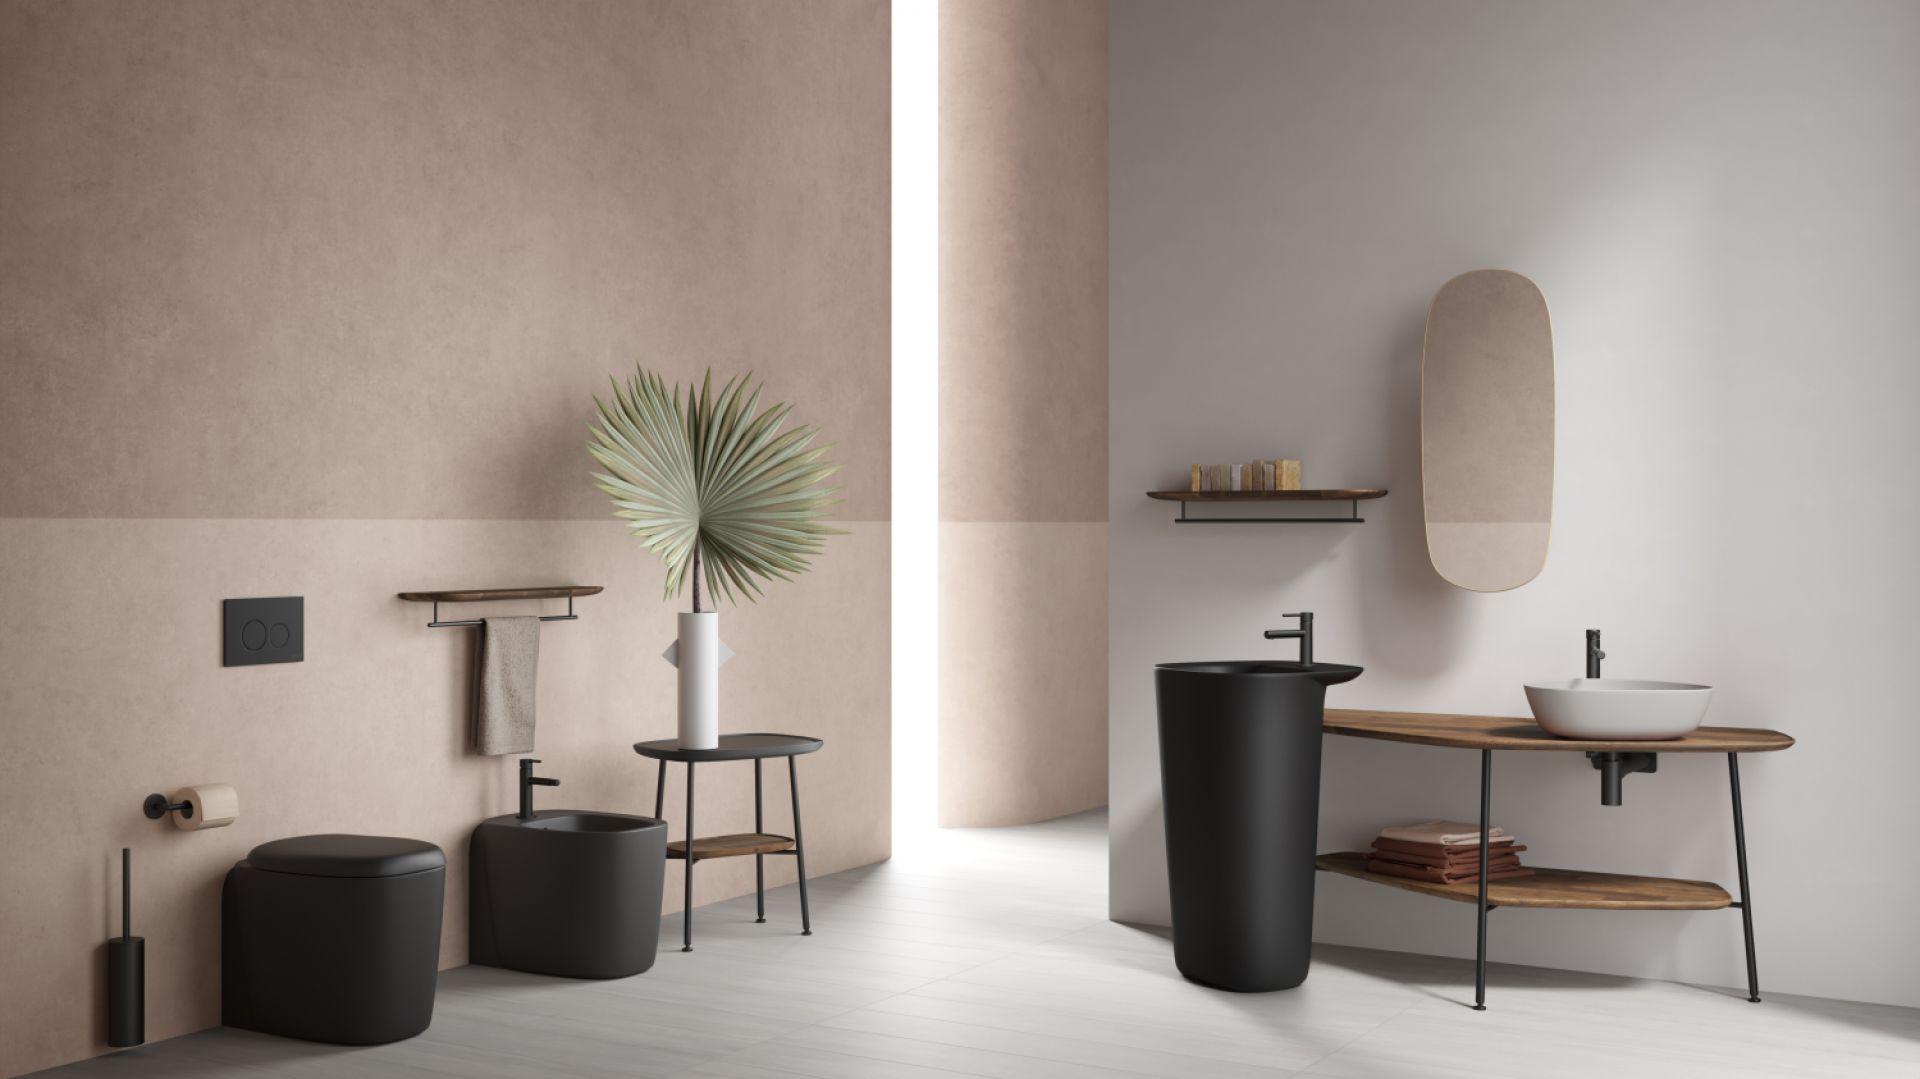 Kolekcja łazienkowa Plural by Terri Pecora marki VitrA. Fot. VitrA